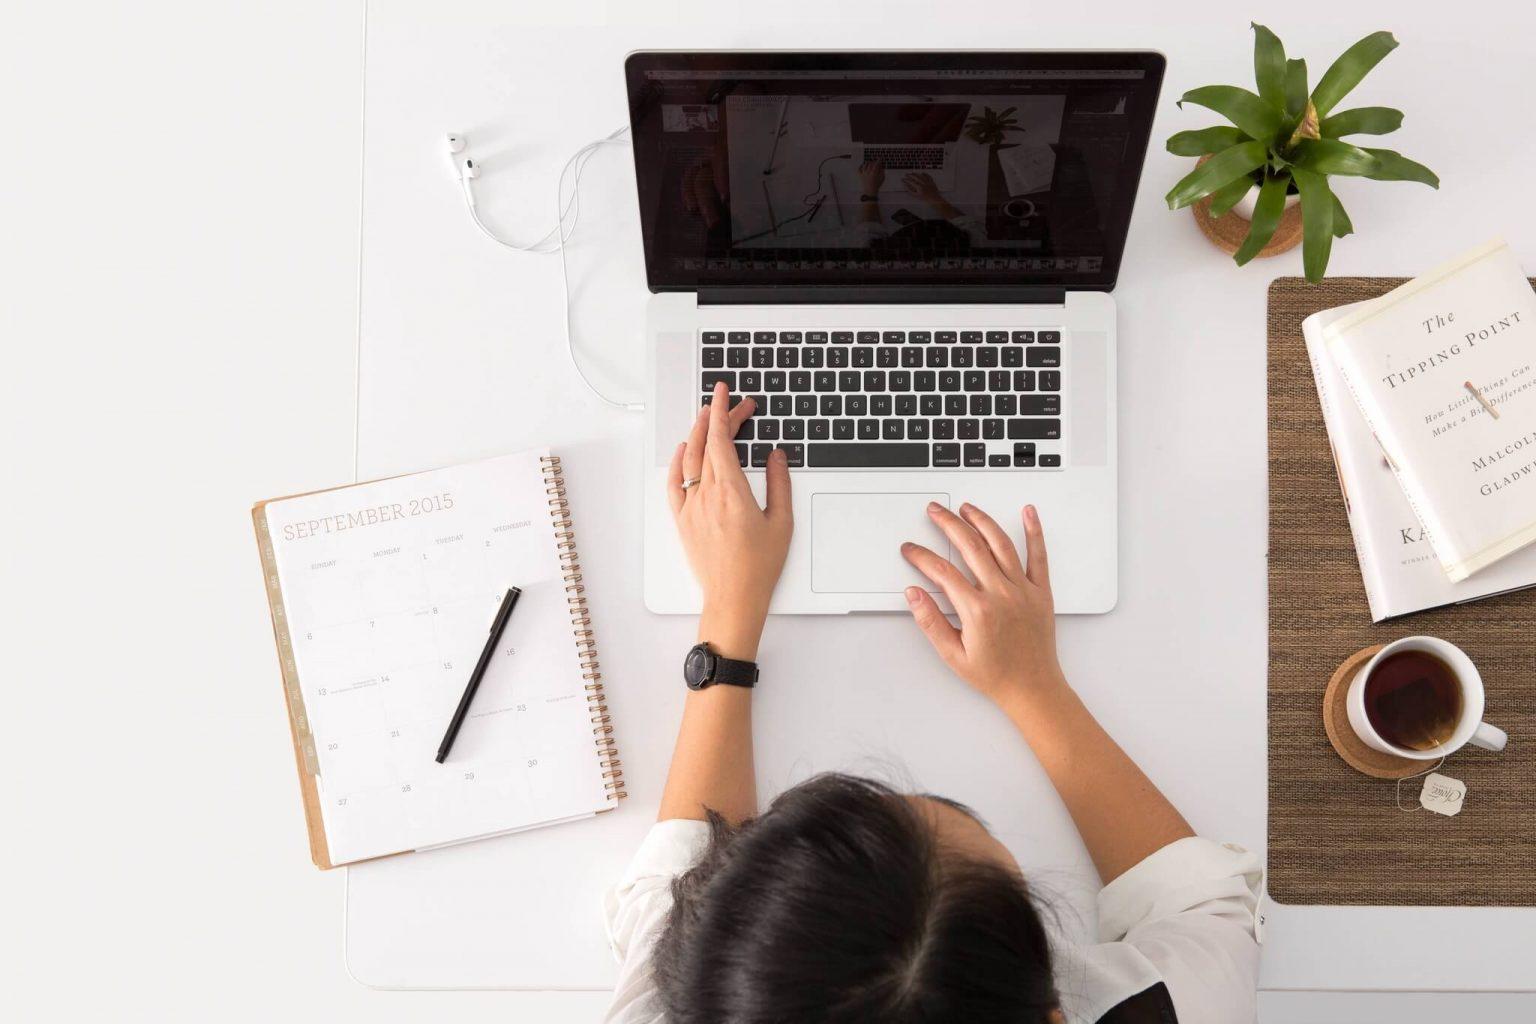 Online taalcursus volgen achter laptop